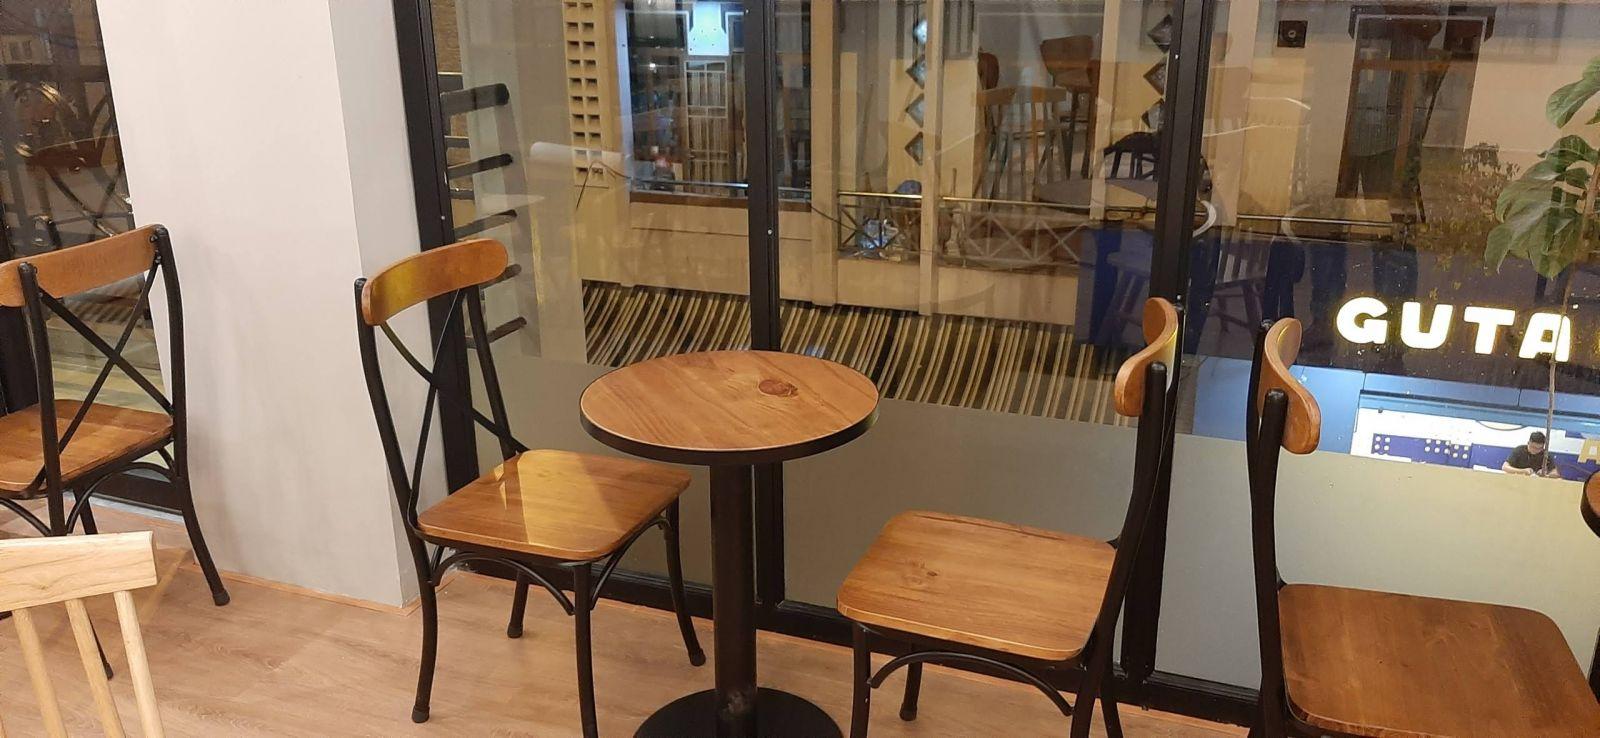 bộ bàn ghế bistro cao cấp pcm cung cấp